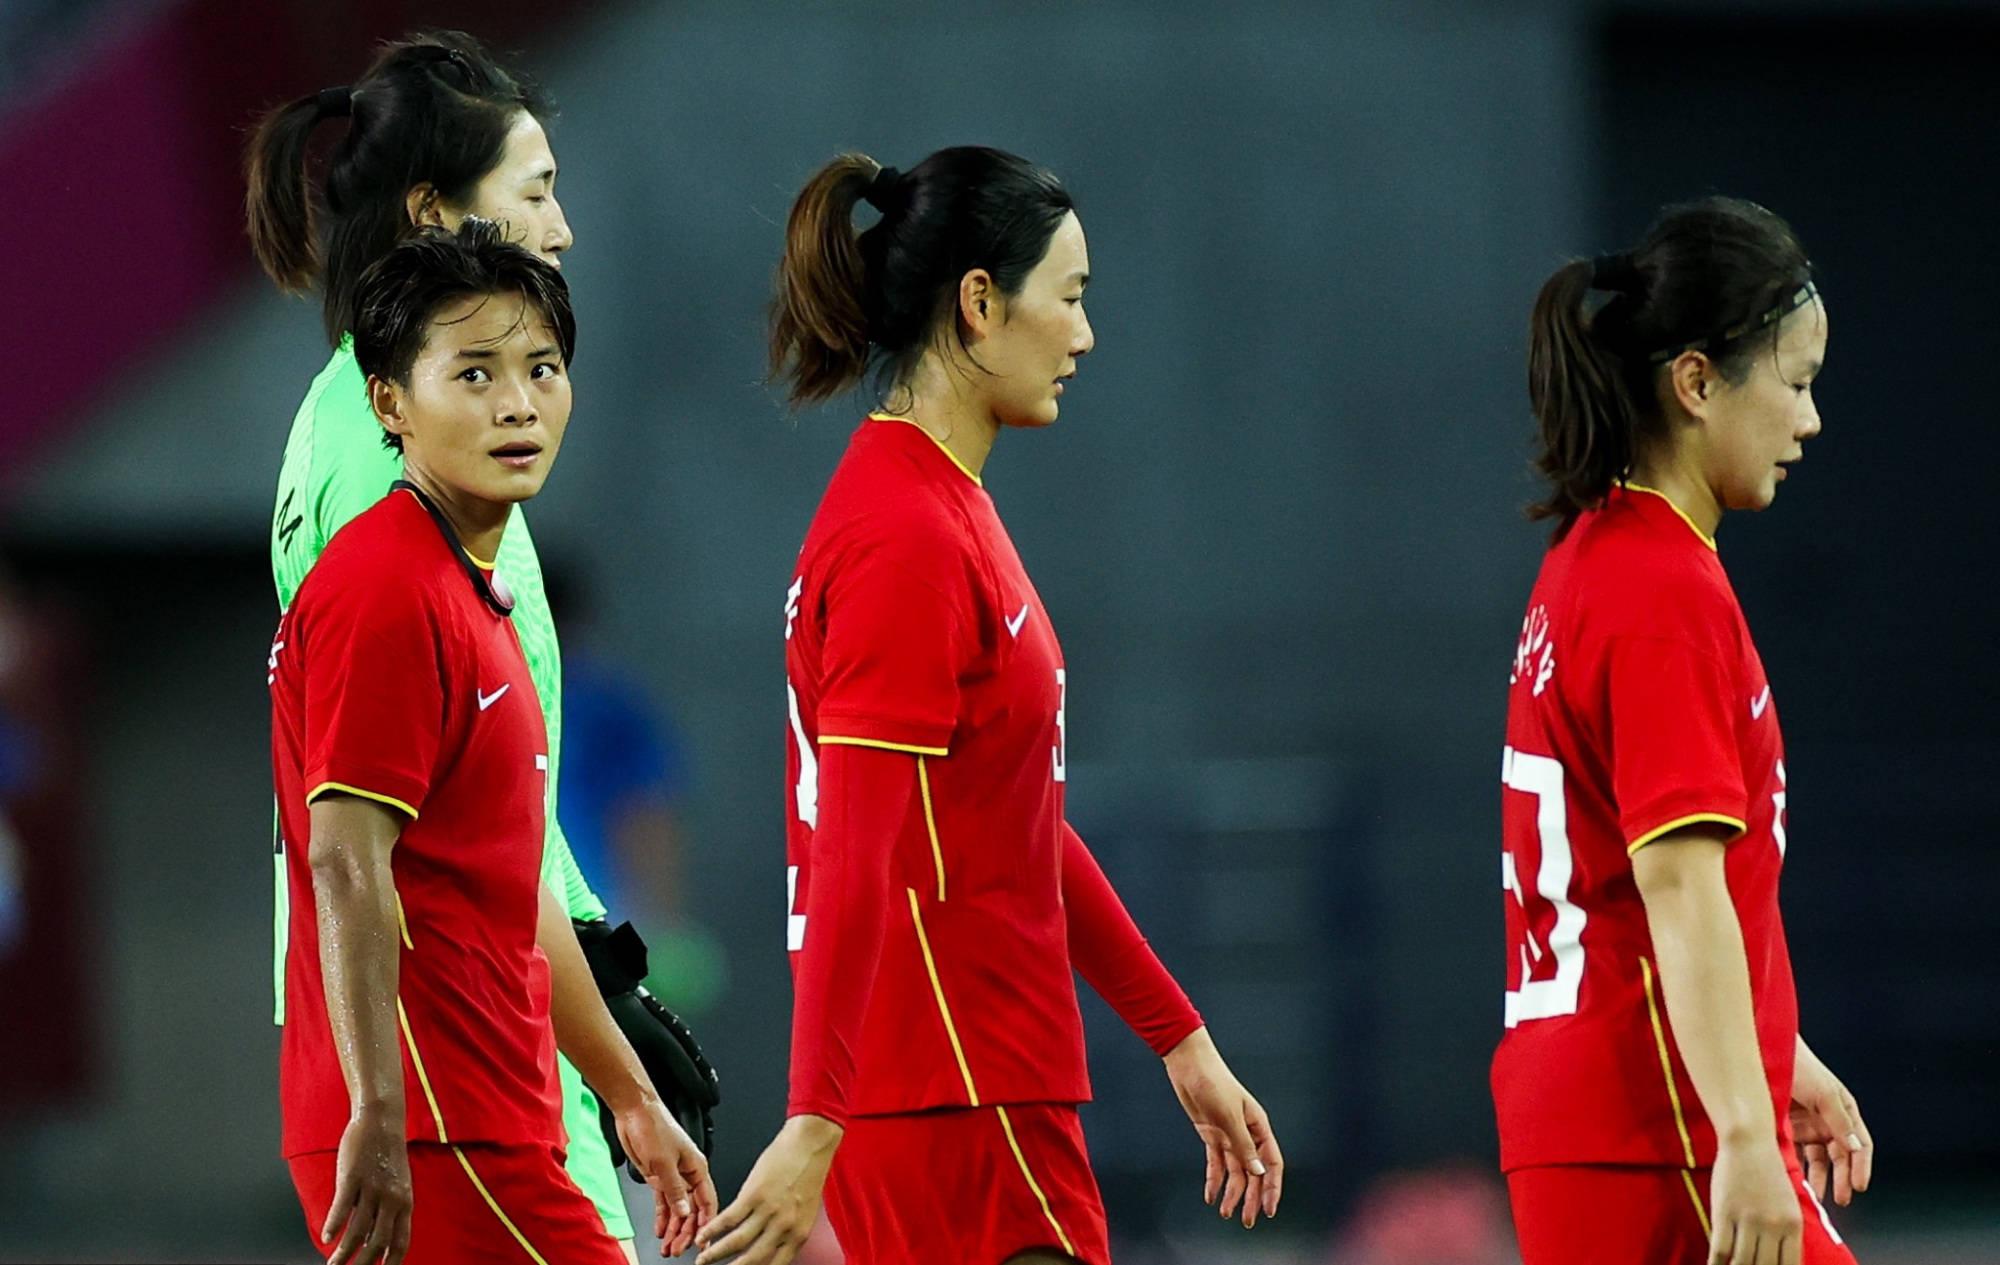 女超金靴,女版德罗巴,连场戴帽奥运史上首人,中国女足没赢正常_皇冠体育官网